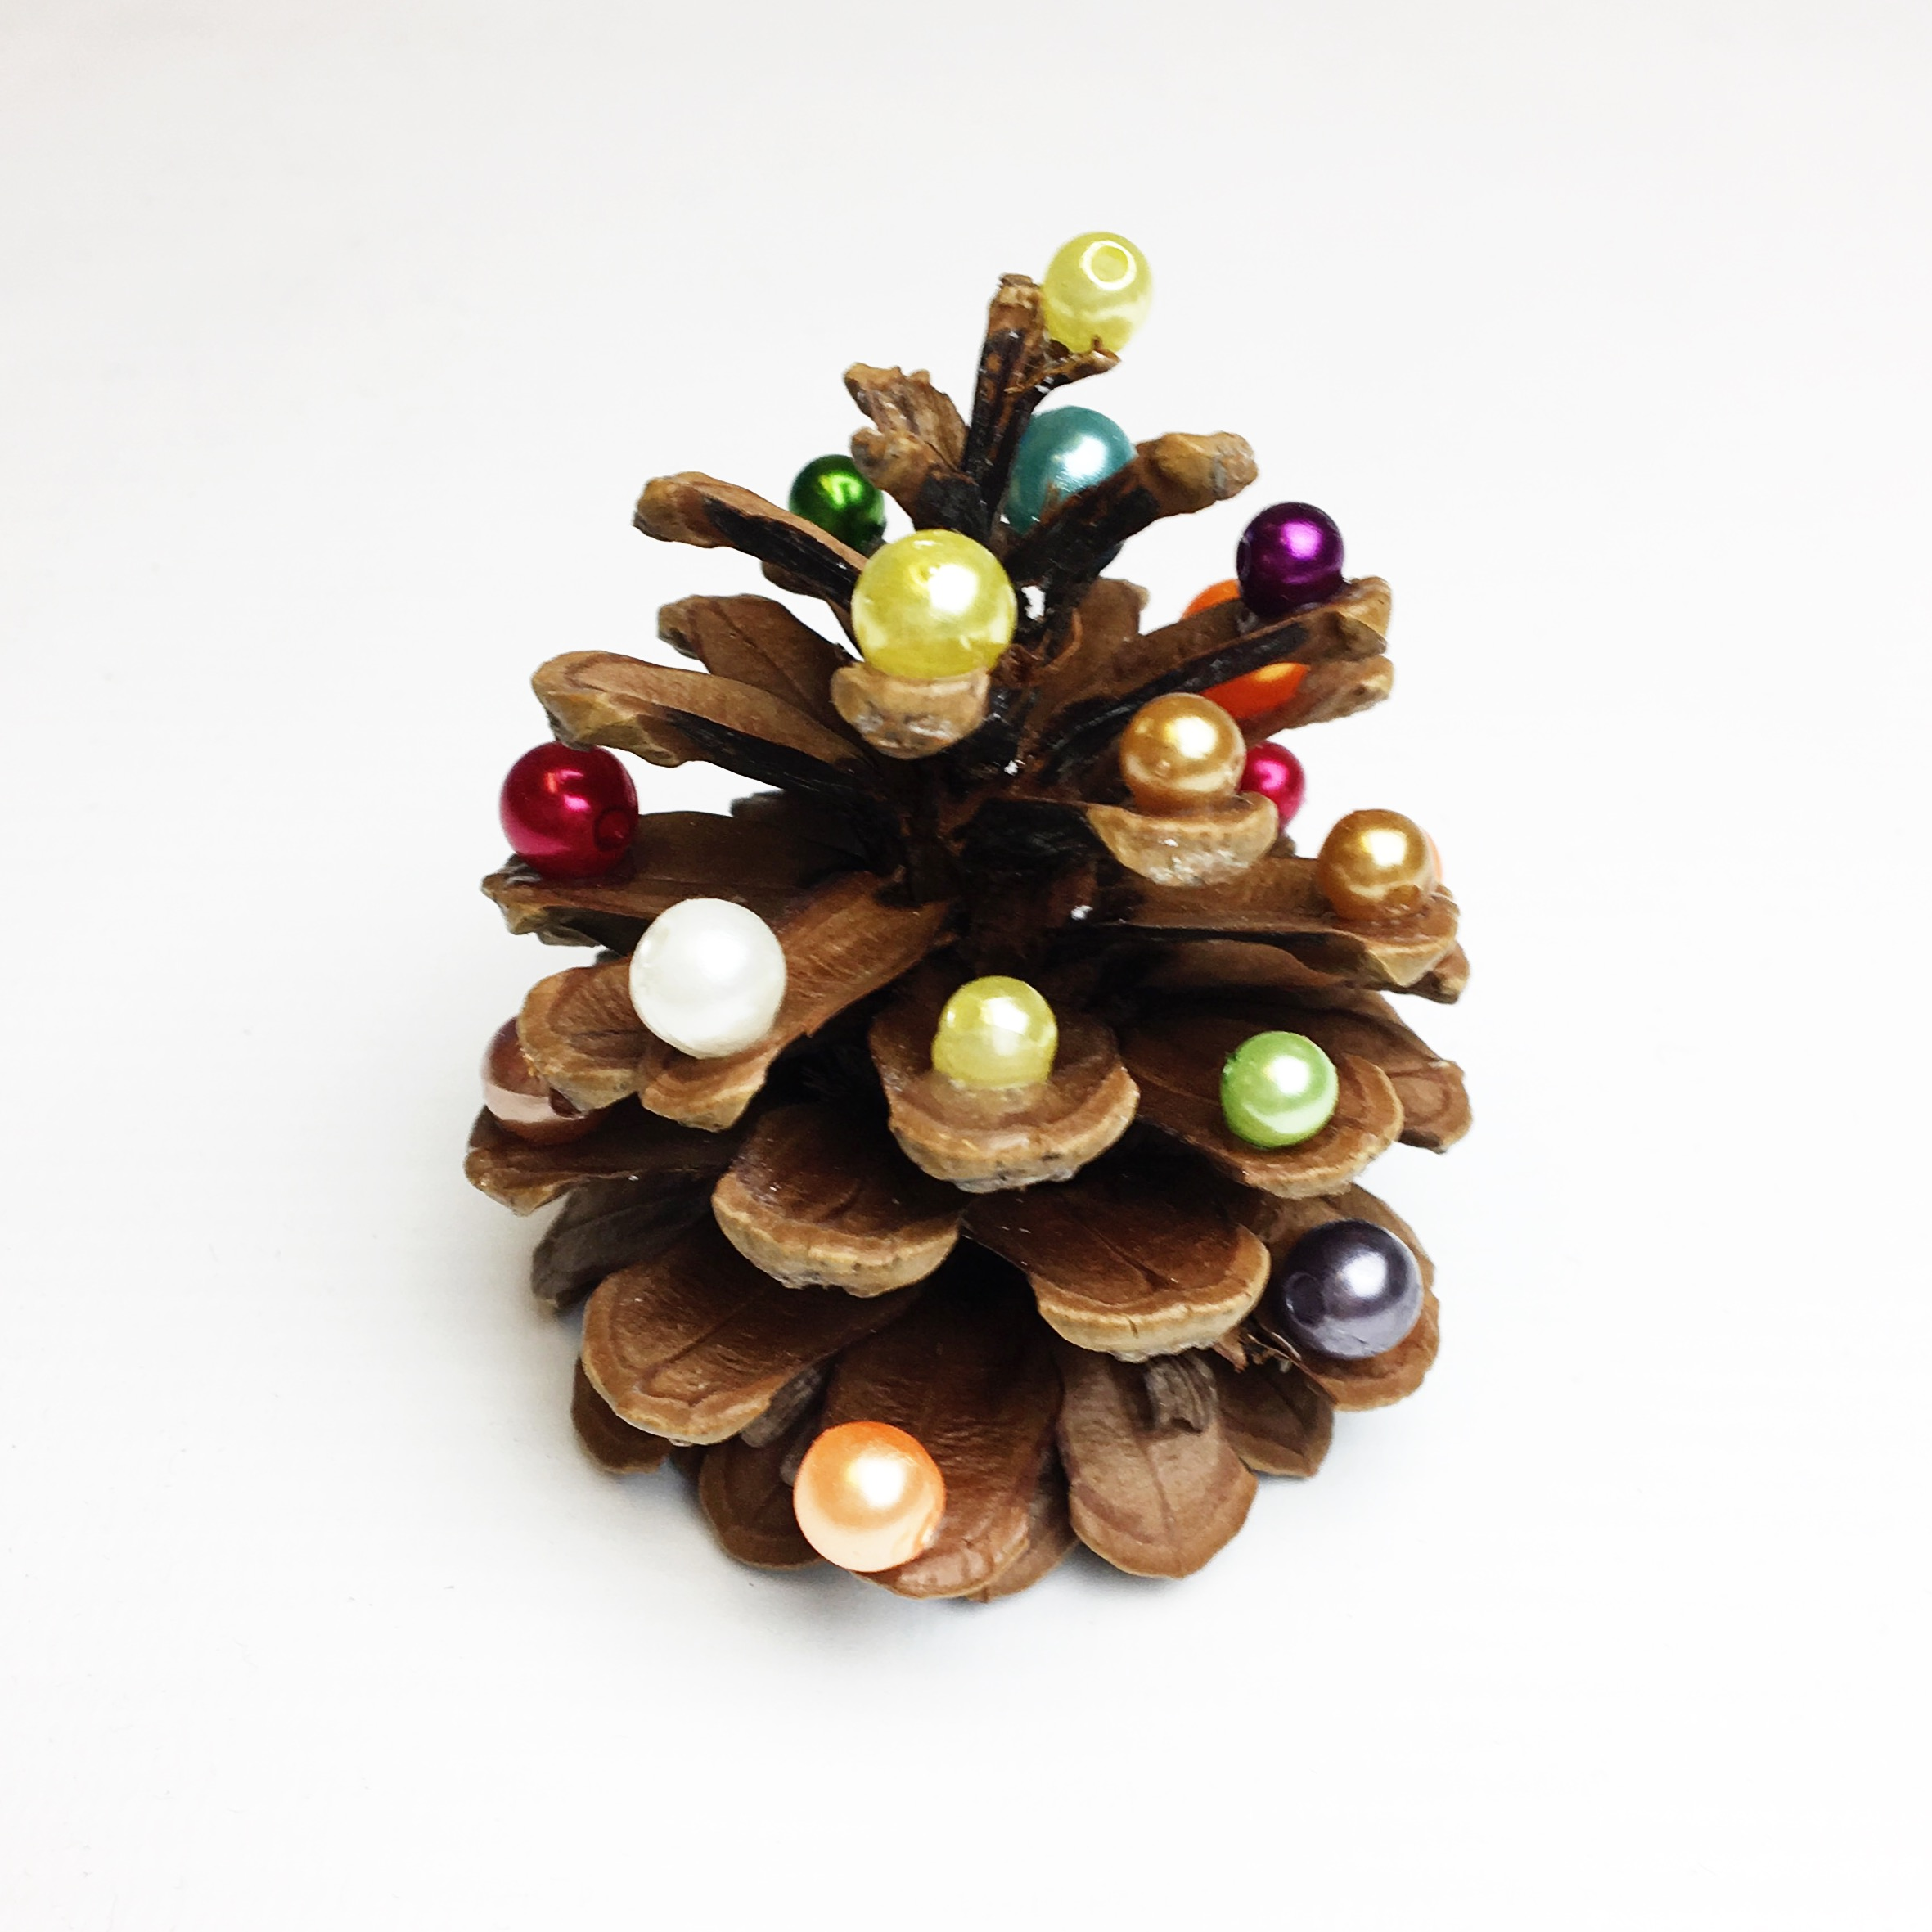 Weihnachten Deko Tannenzapfen Basteln mit Kindern Weihnachtsidee